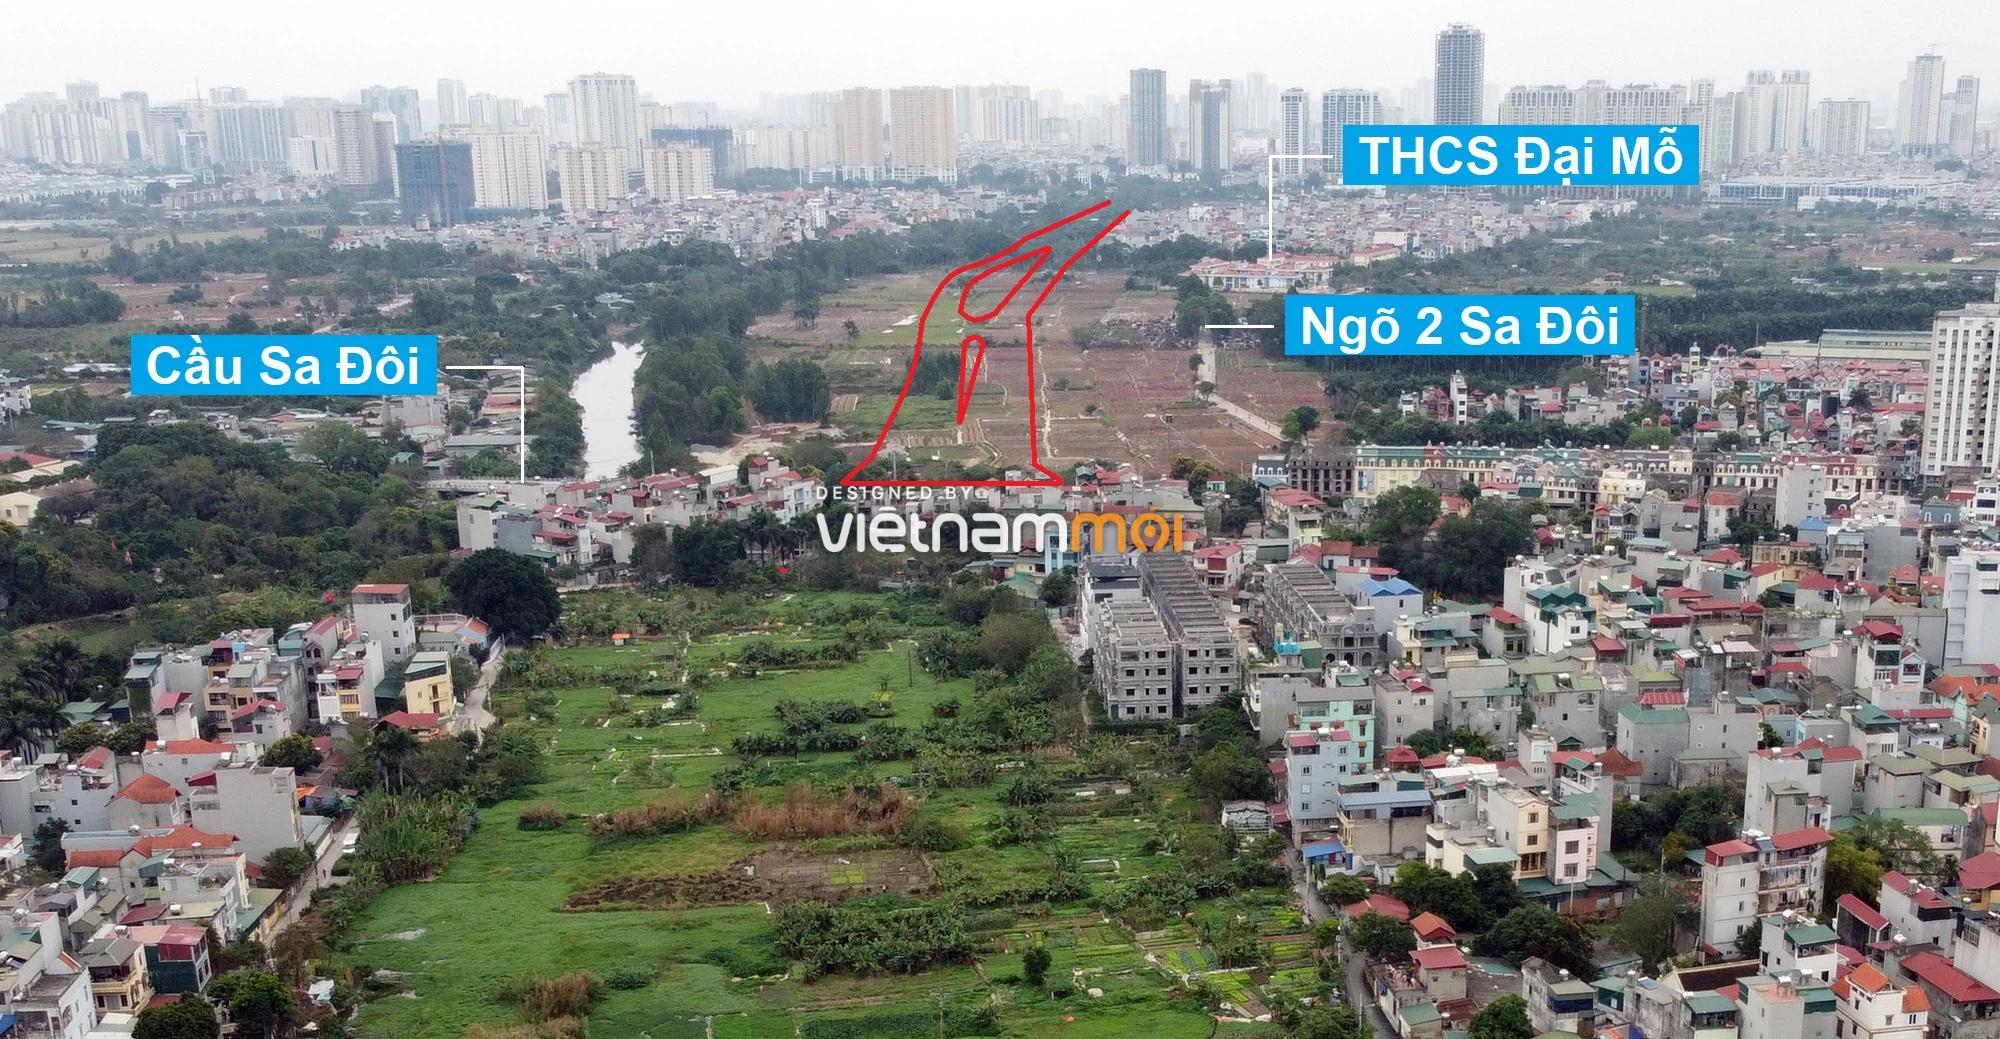 Những khu đất sắp thu hồi để mở đường ở phường Đại Mỗ, Nam Từ Liêm, Hà Nội (phần 2) - Ảnh 3.